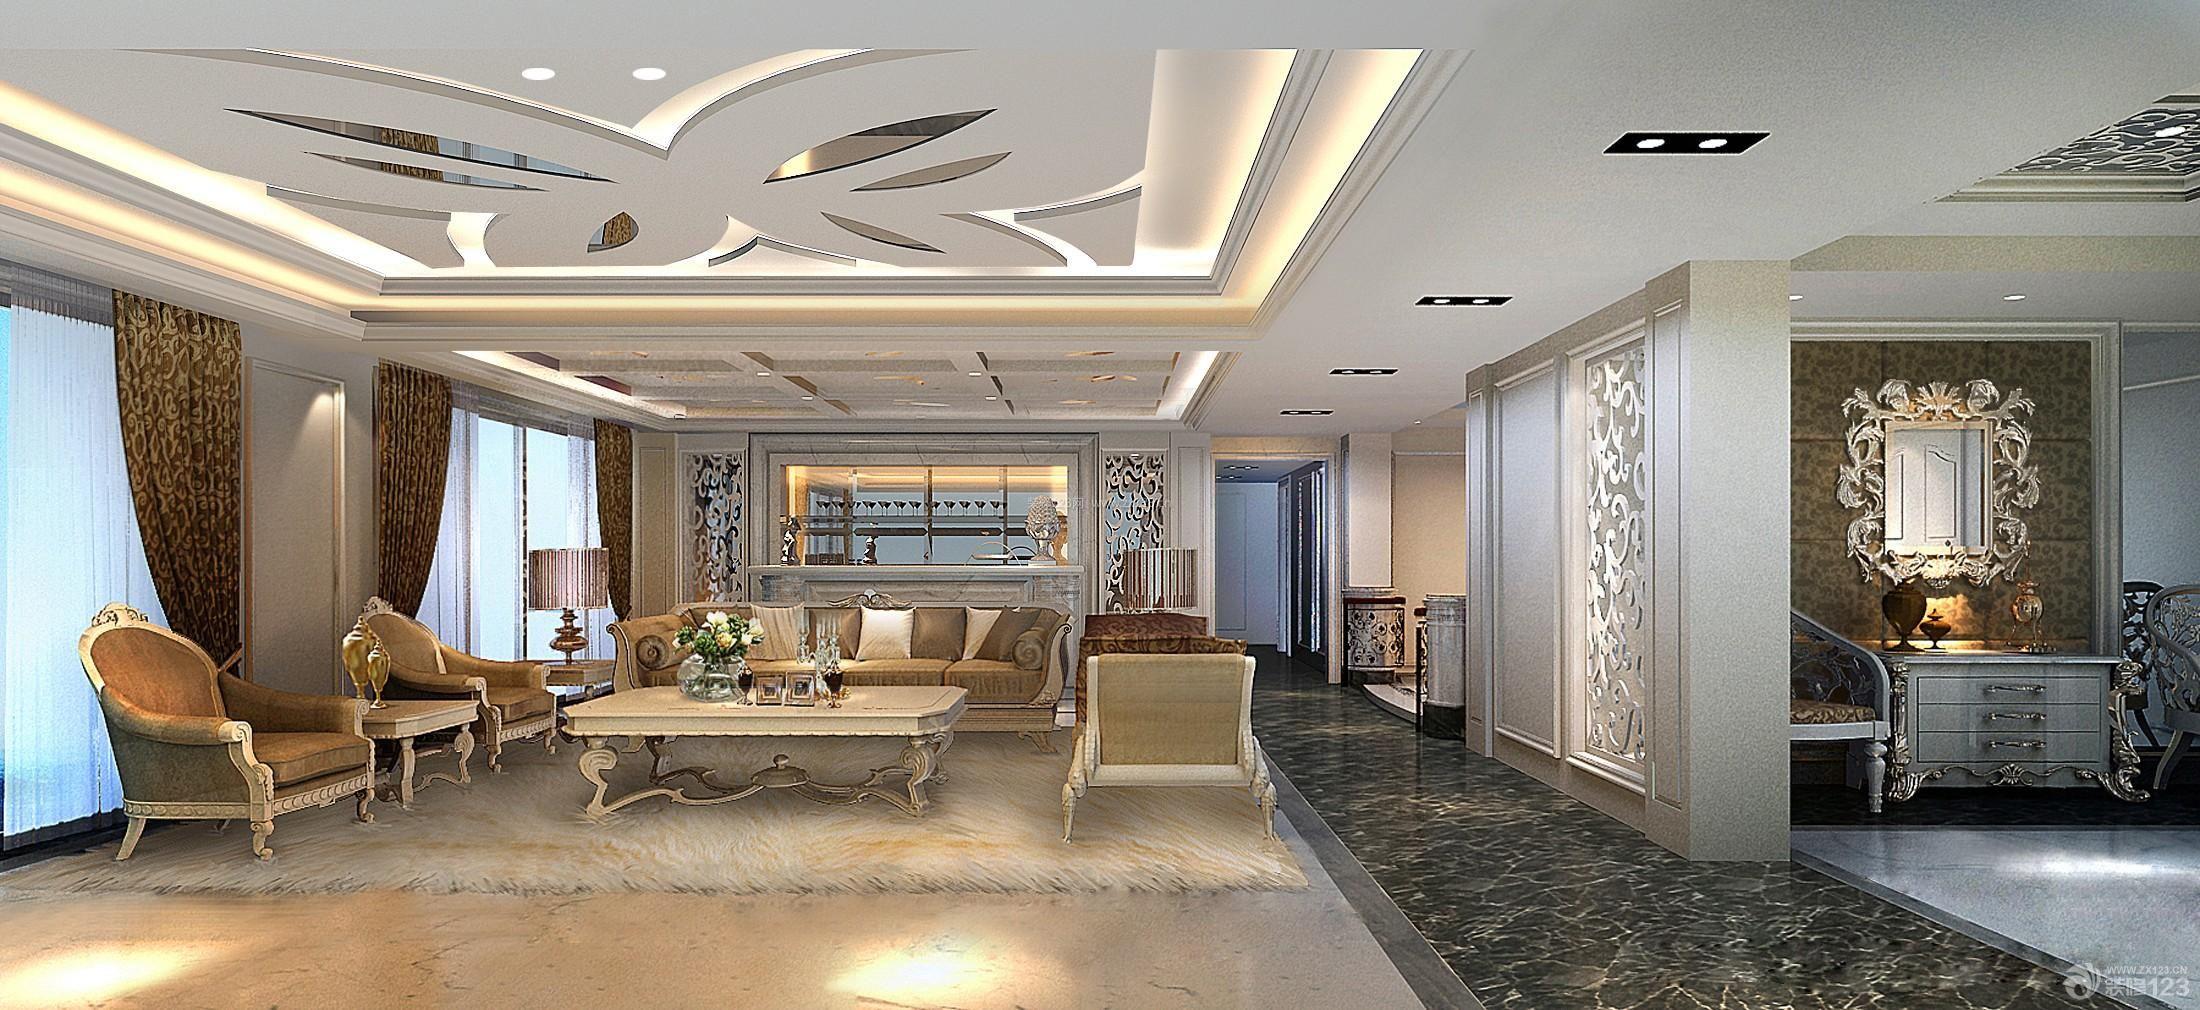 现代简约欧式风格客厅吊顶造型效果图